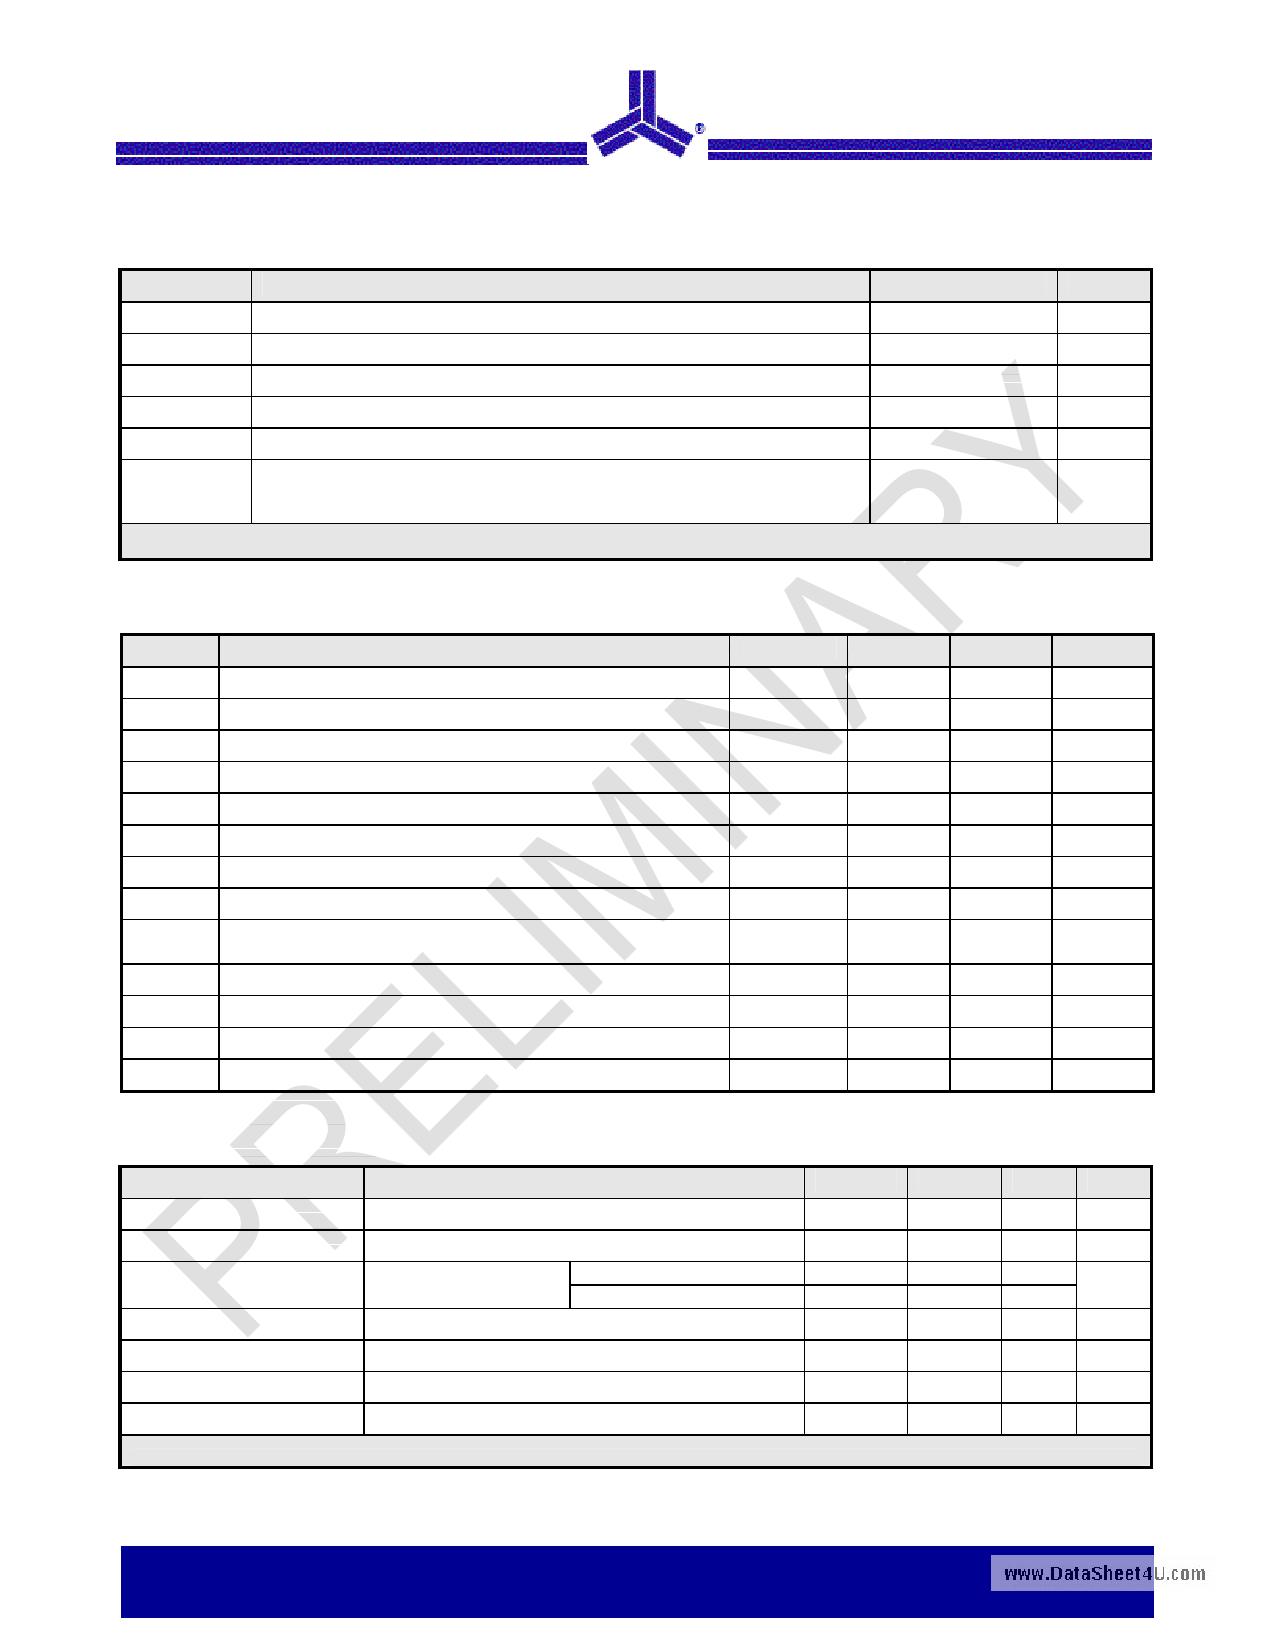 ASM3P2107A pdf, ピン配列